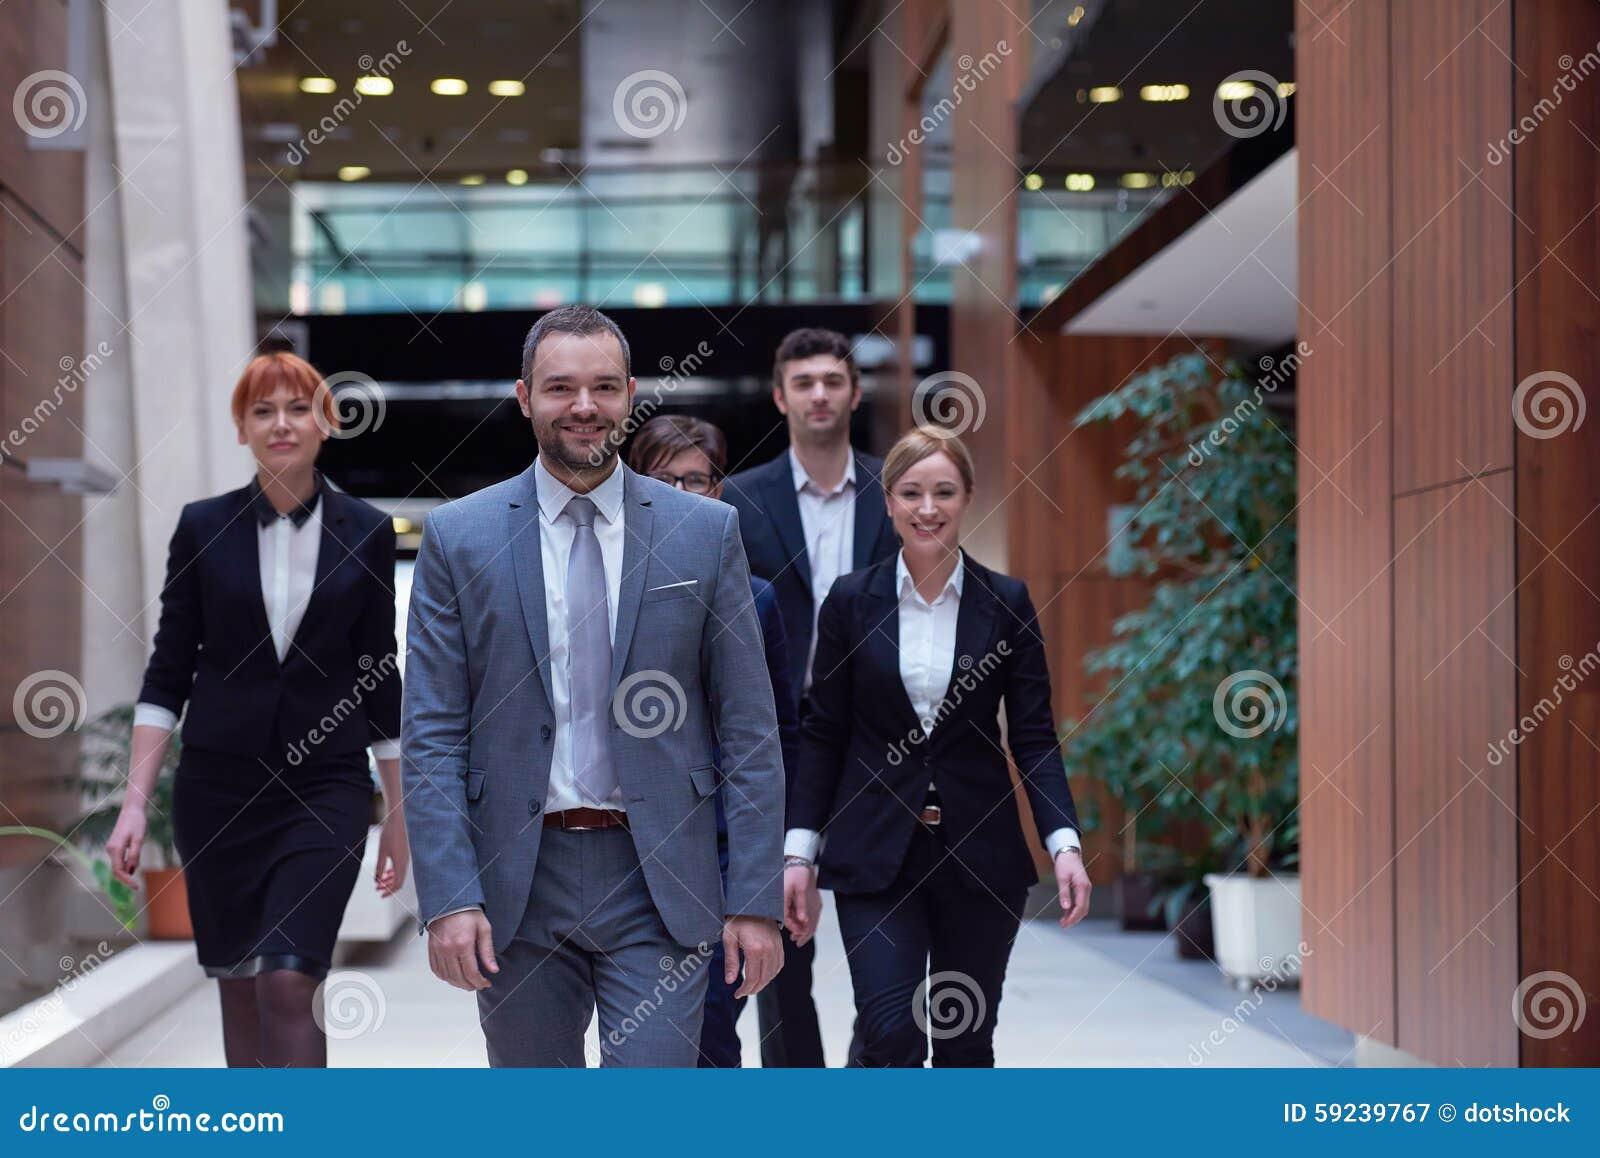 Download Hombres De Negocios El Recorrer De Las Personas Imagen de archivo - Imagen de ciudad, vida: 59239767